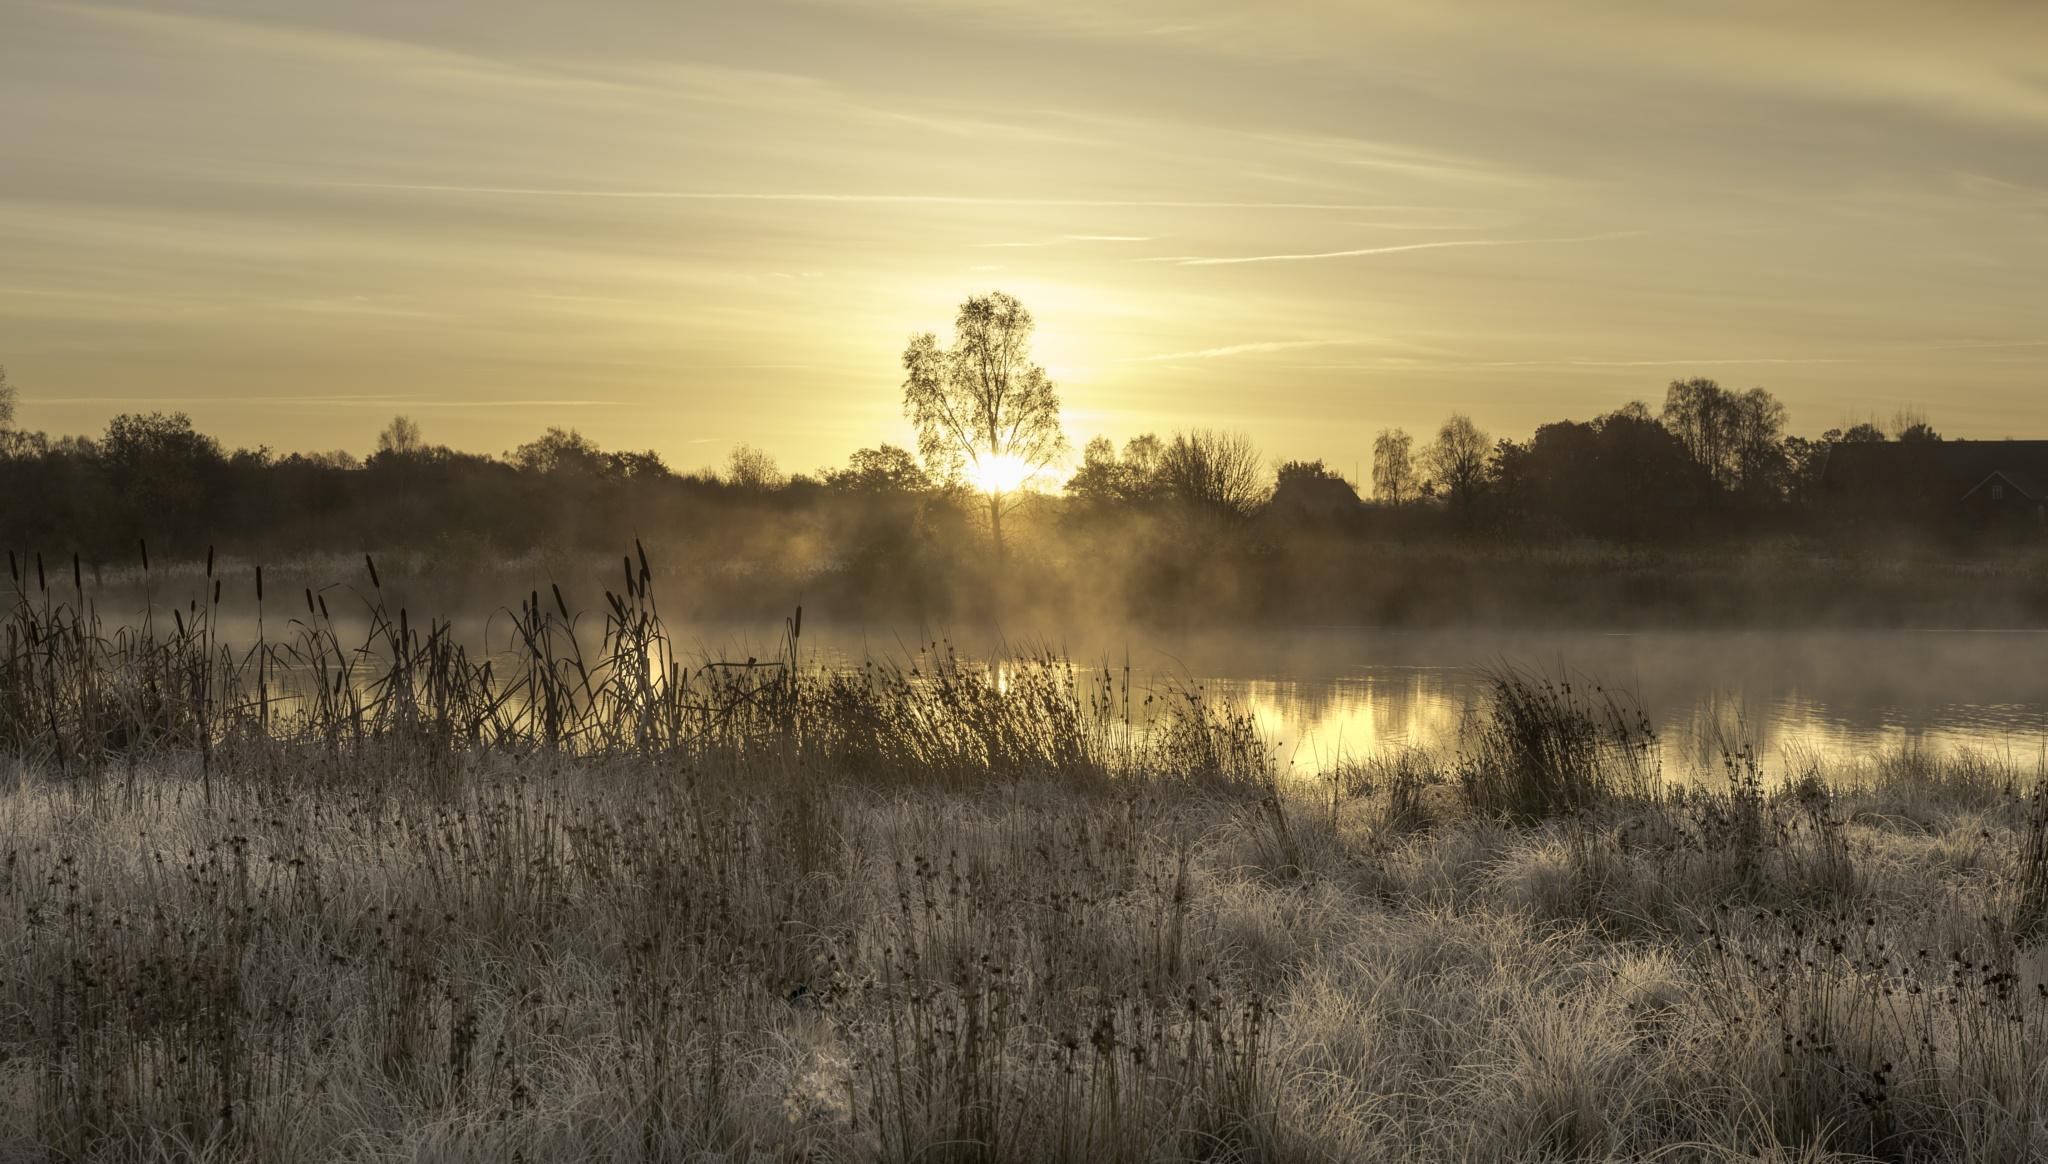 A cold sunrise by kapten.sjoskum